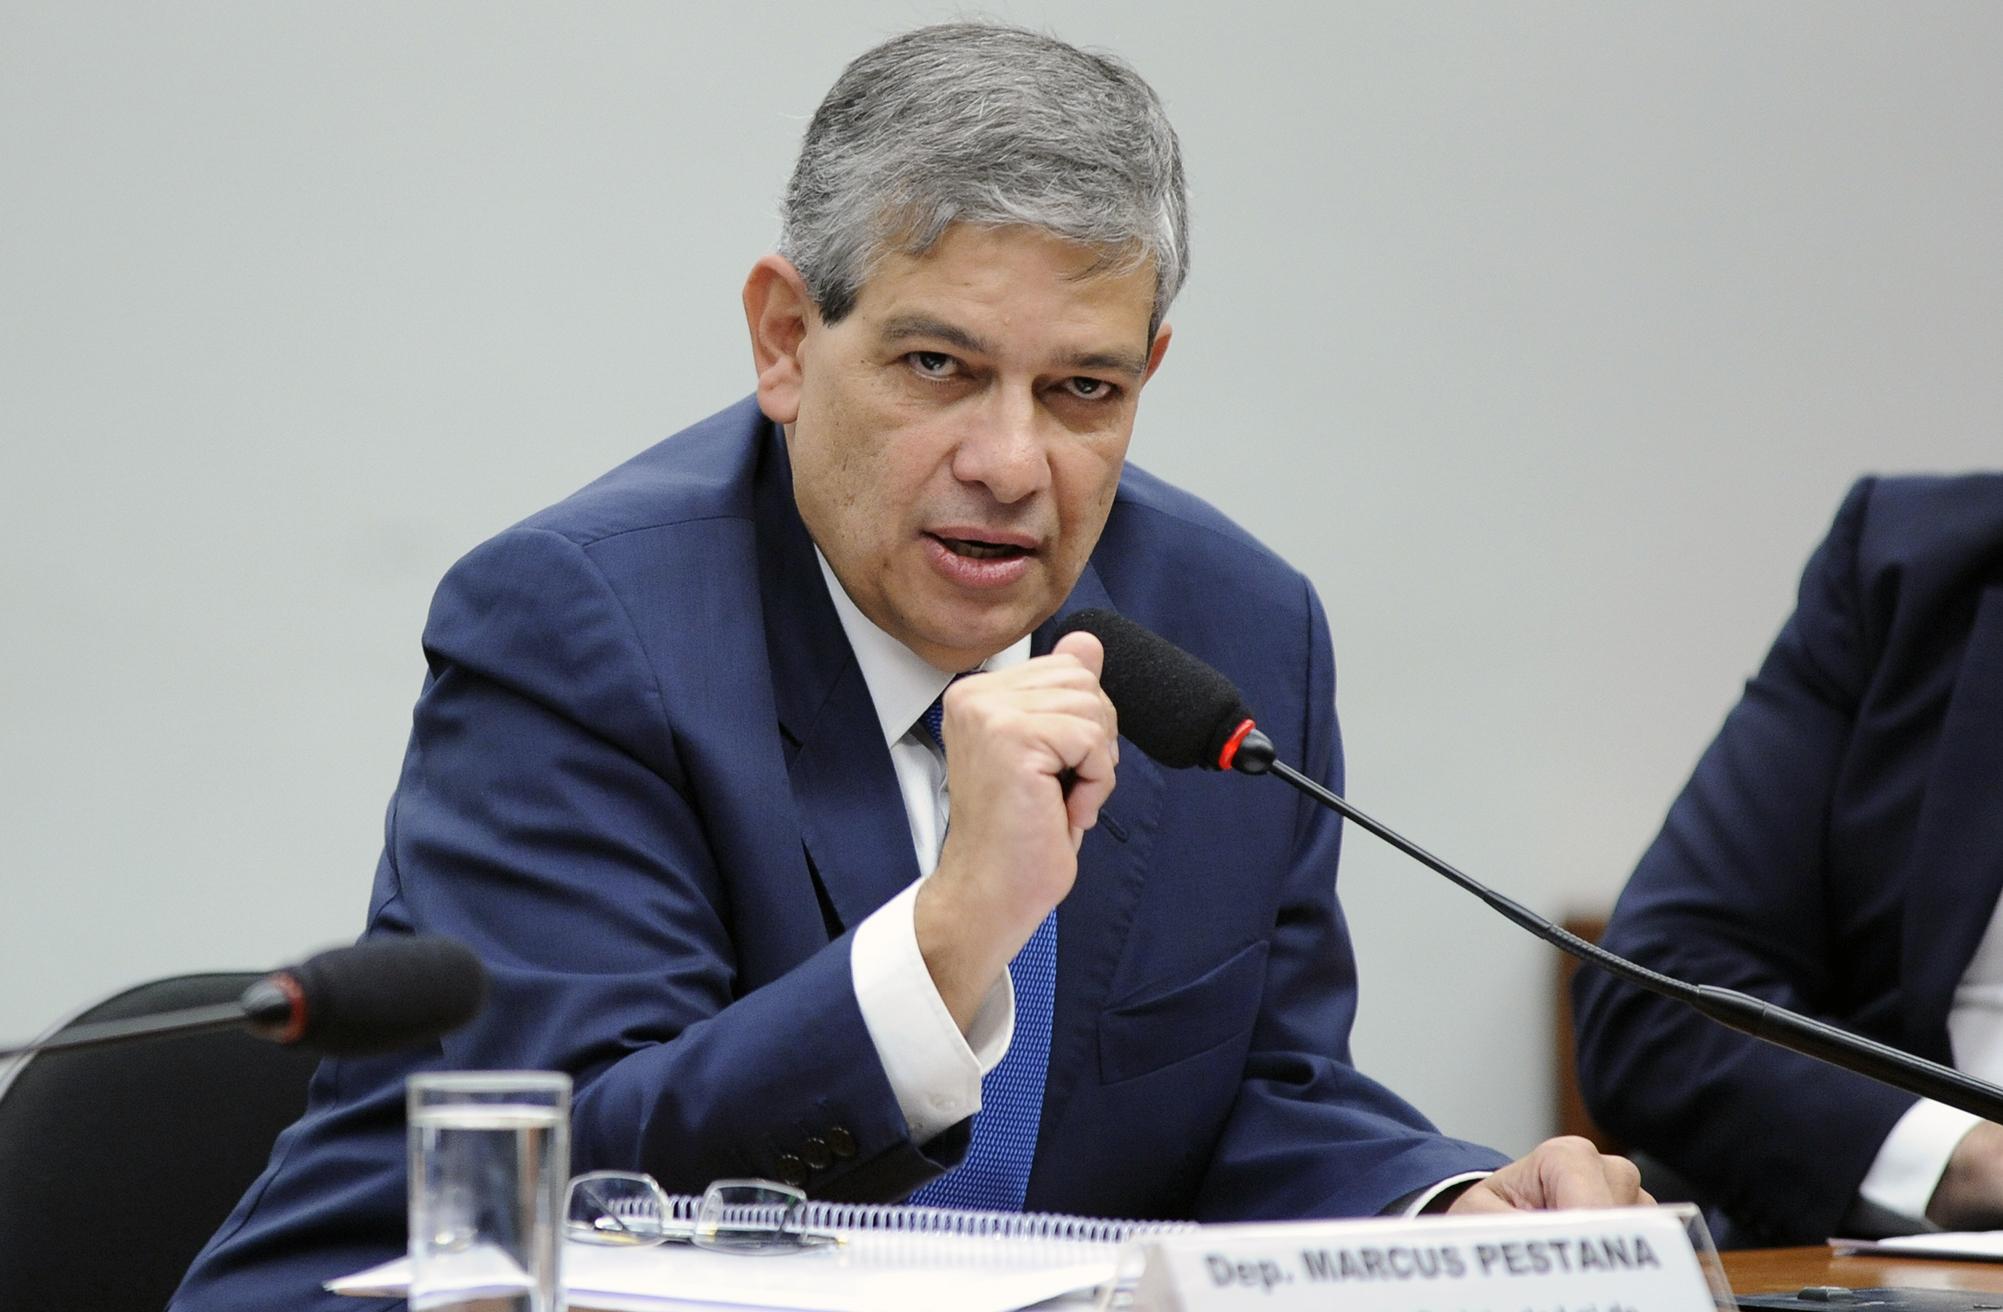 Audiência Pública e Reunião Ordinária. Dep. Marcus Pestana (PSDB - MG)